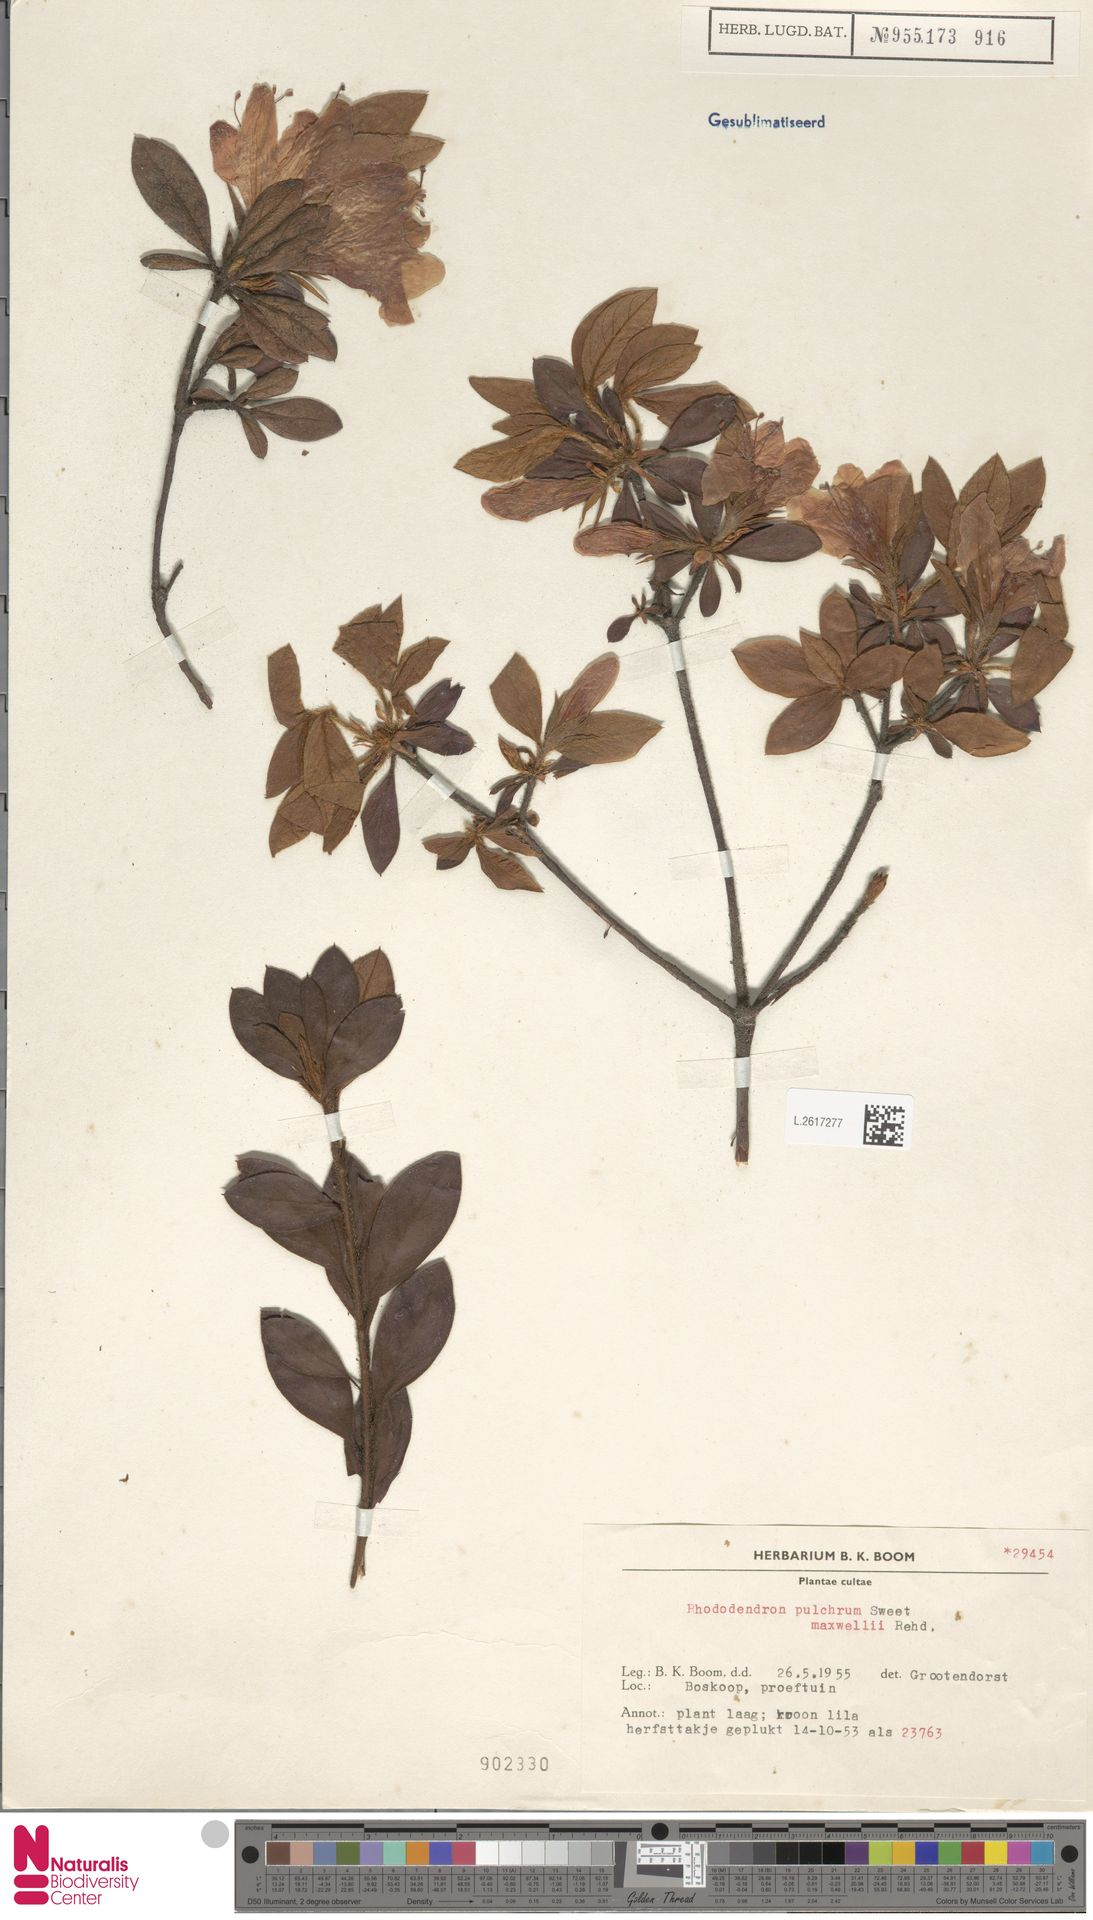 L.2617277 | Rhododendron pulchrum cv. 'Maxwellii'